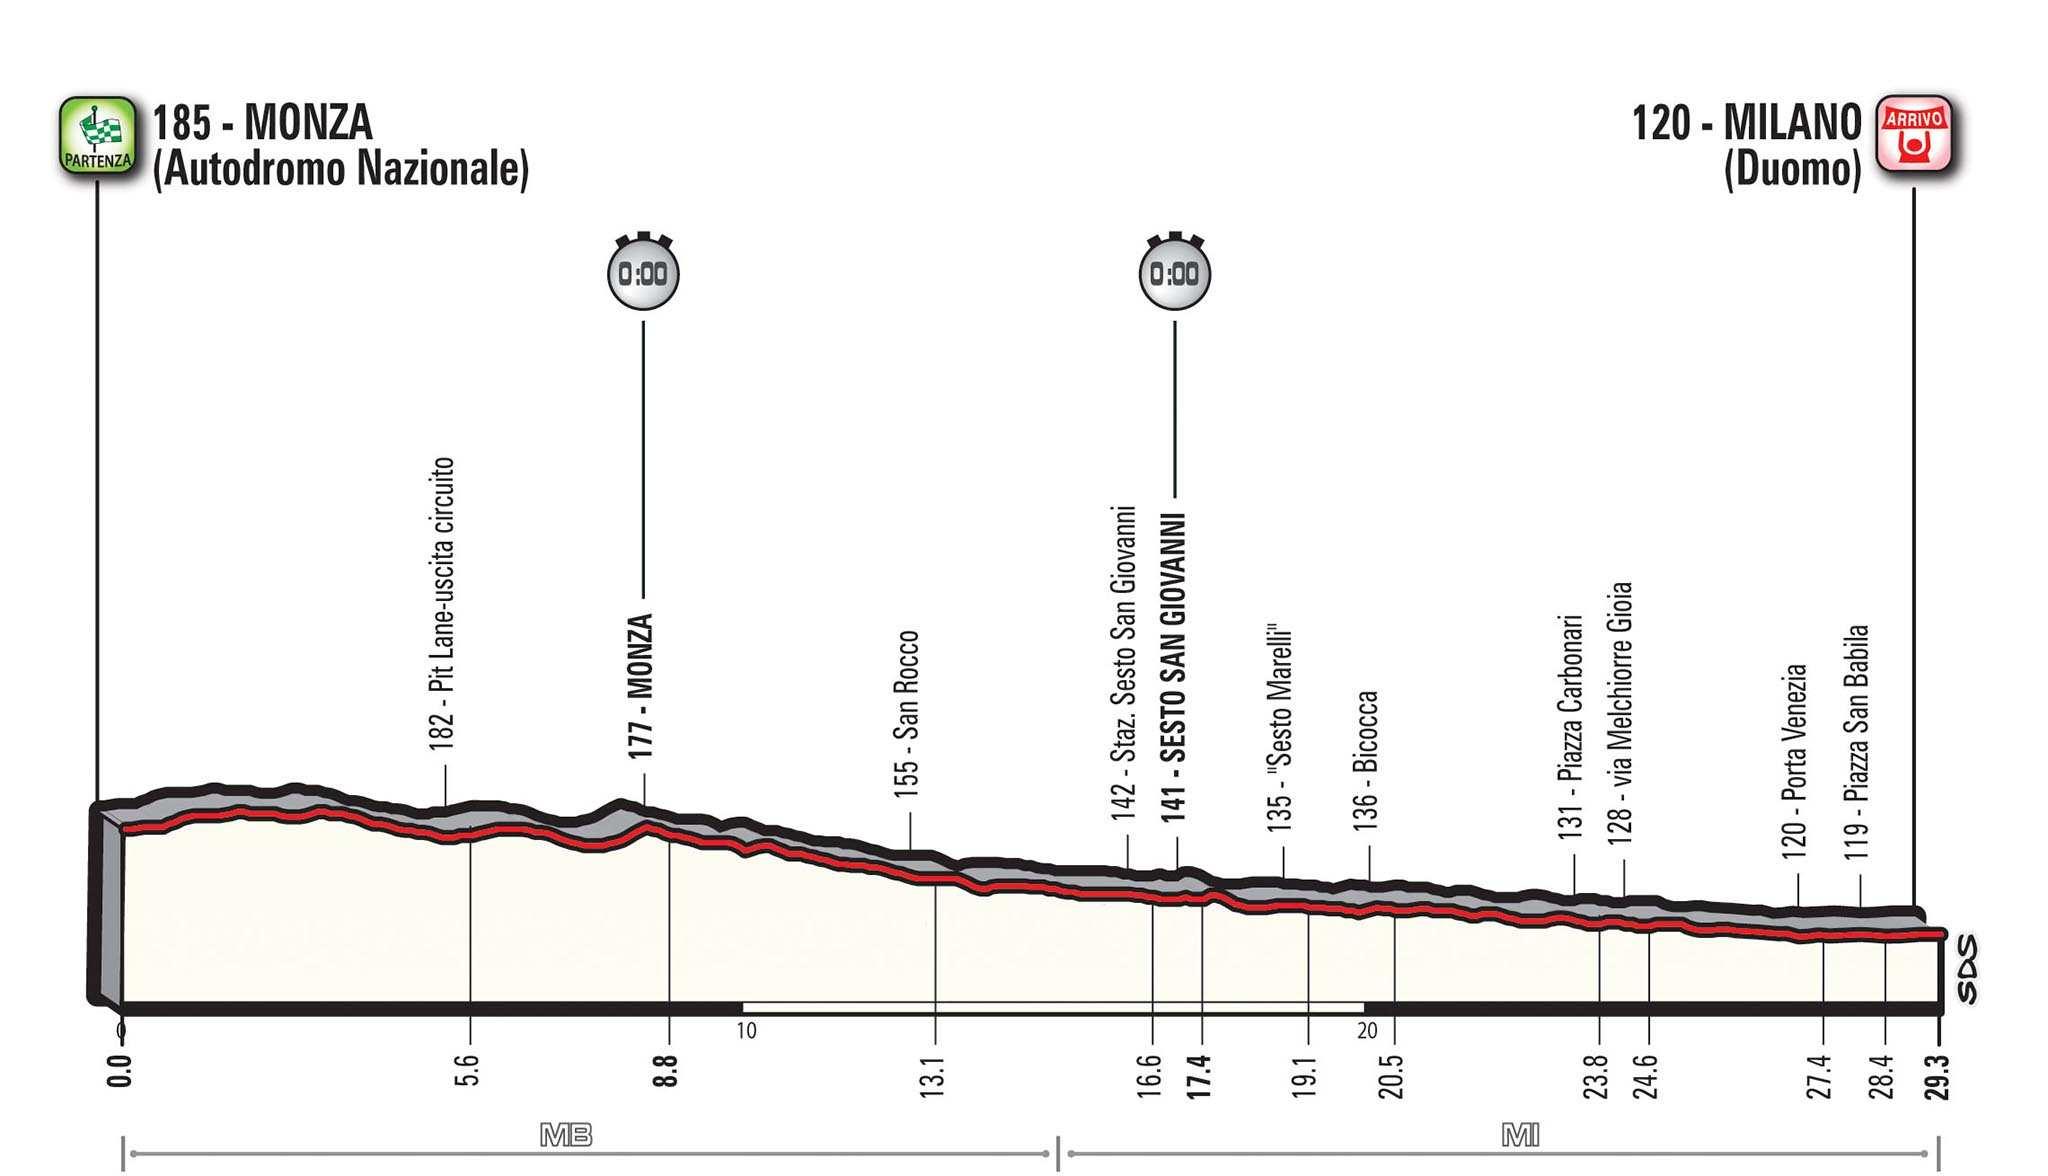 Perfil de la etapa 21 del Giro de Italia. CRI